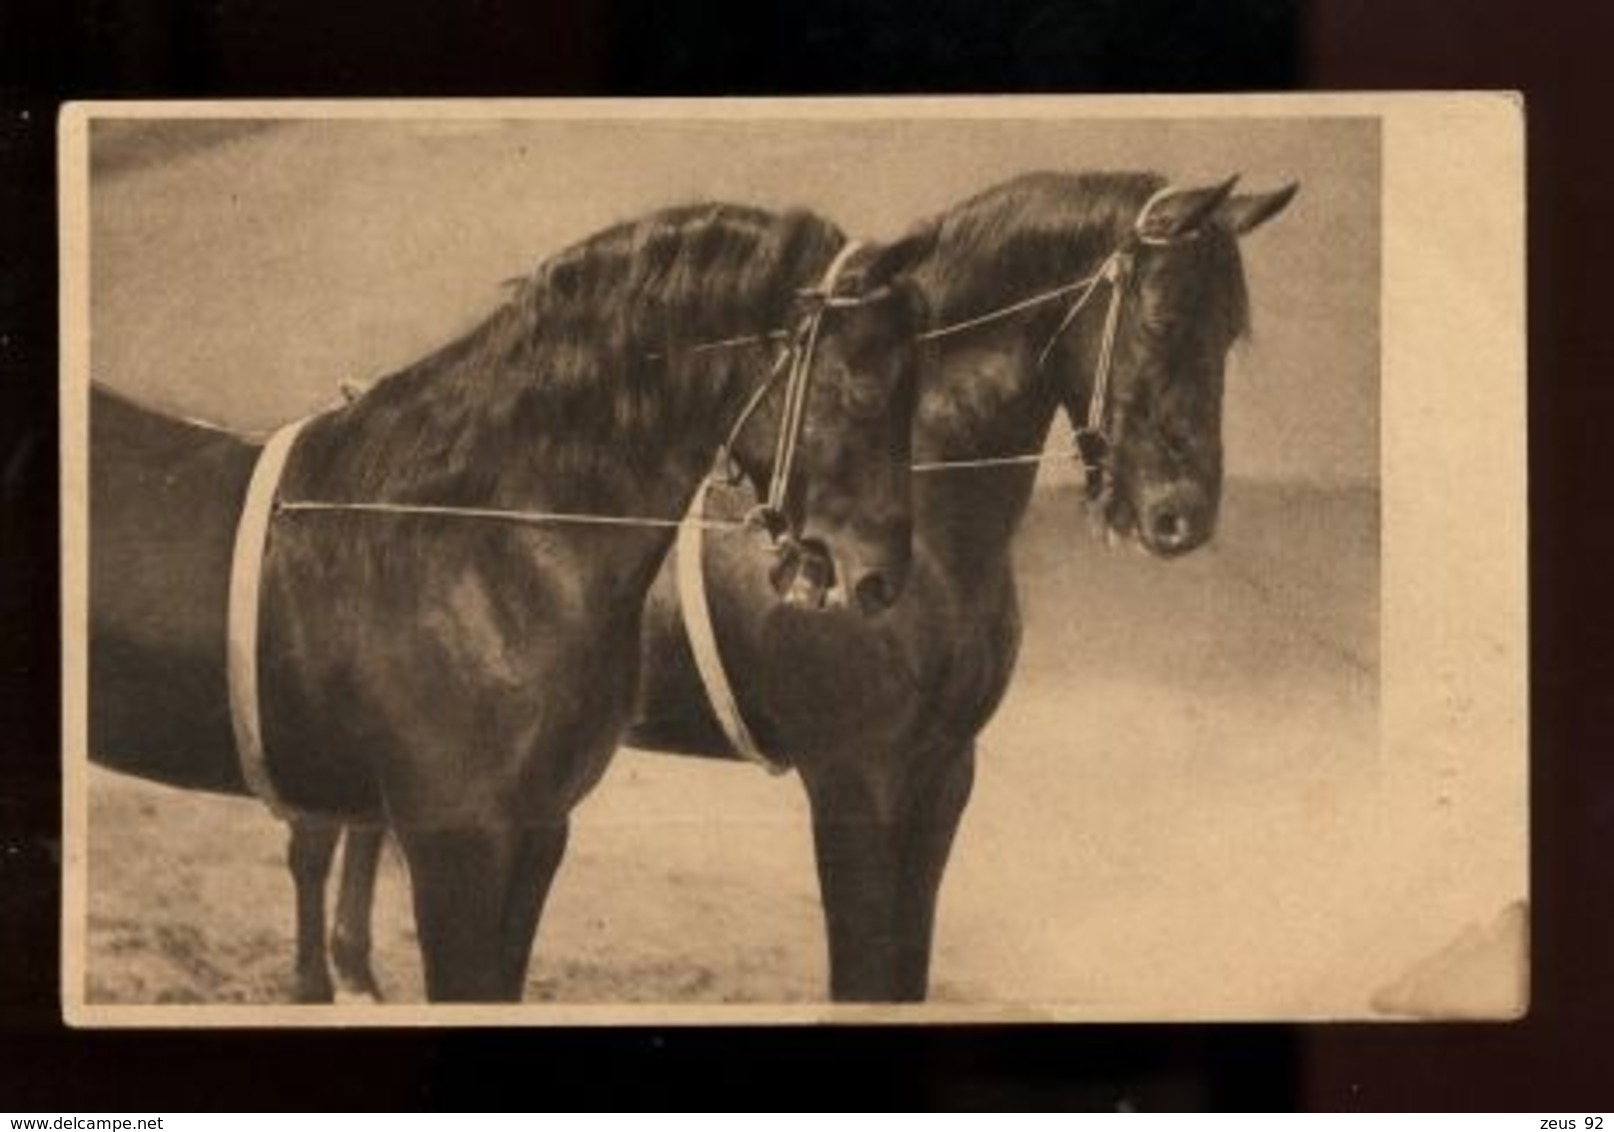 C2402 CAVALLI CHEVAUX HORSES CABALLOS CABALOS SMALL FORMAT FORMATO PICCOLO - Cavalli